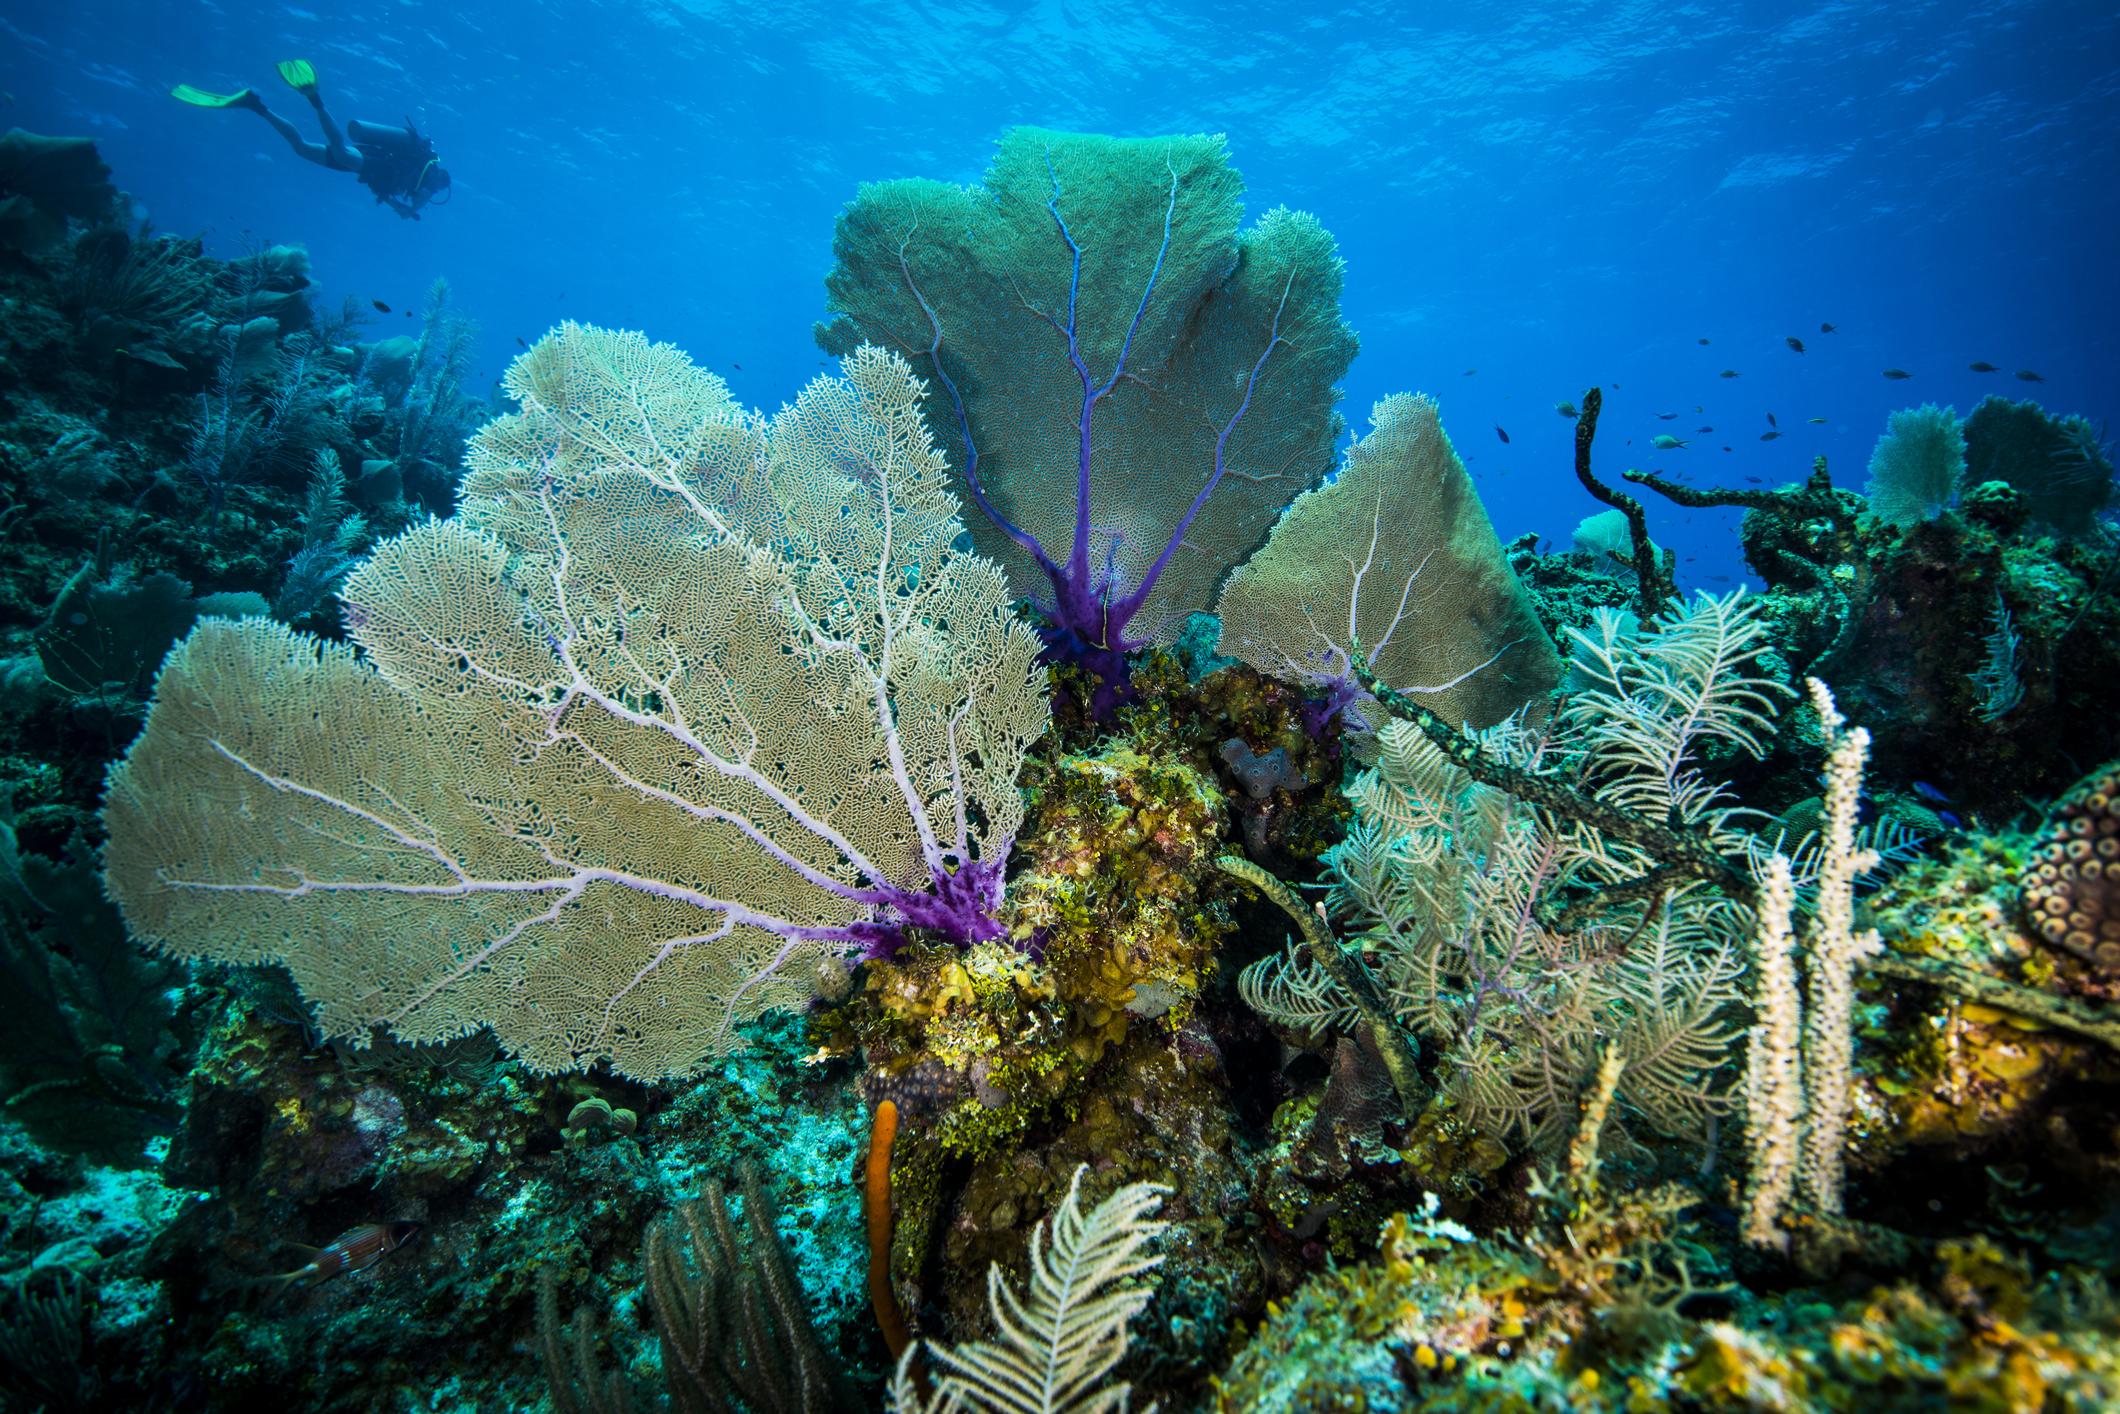 Малките Каймани, Западни Британски Инди<br /> Повечето Карибски острови, известни като дайвинг дестинации, днес не са това, което са били преди години, поради замърсяването, причинено от прекаленото застрояване с хотели и прекомерния риболов. Малкият Кайманов остров обаче е успял да съхрани богата екосистема и подводно богатство. Островът е с население само 200 жители и в северната му част има впечатляваща коралова стена с кристално чиста вода. Гмуркането в тази част е подходящо за начинаещи - водата е топла и плитка. Представителите на морската фауна са пъстроцветни риби и причудливи корали.